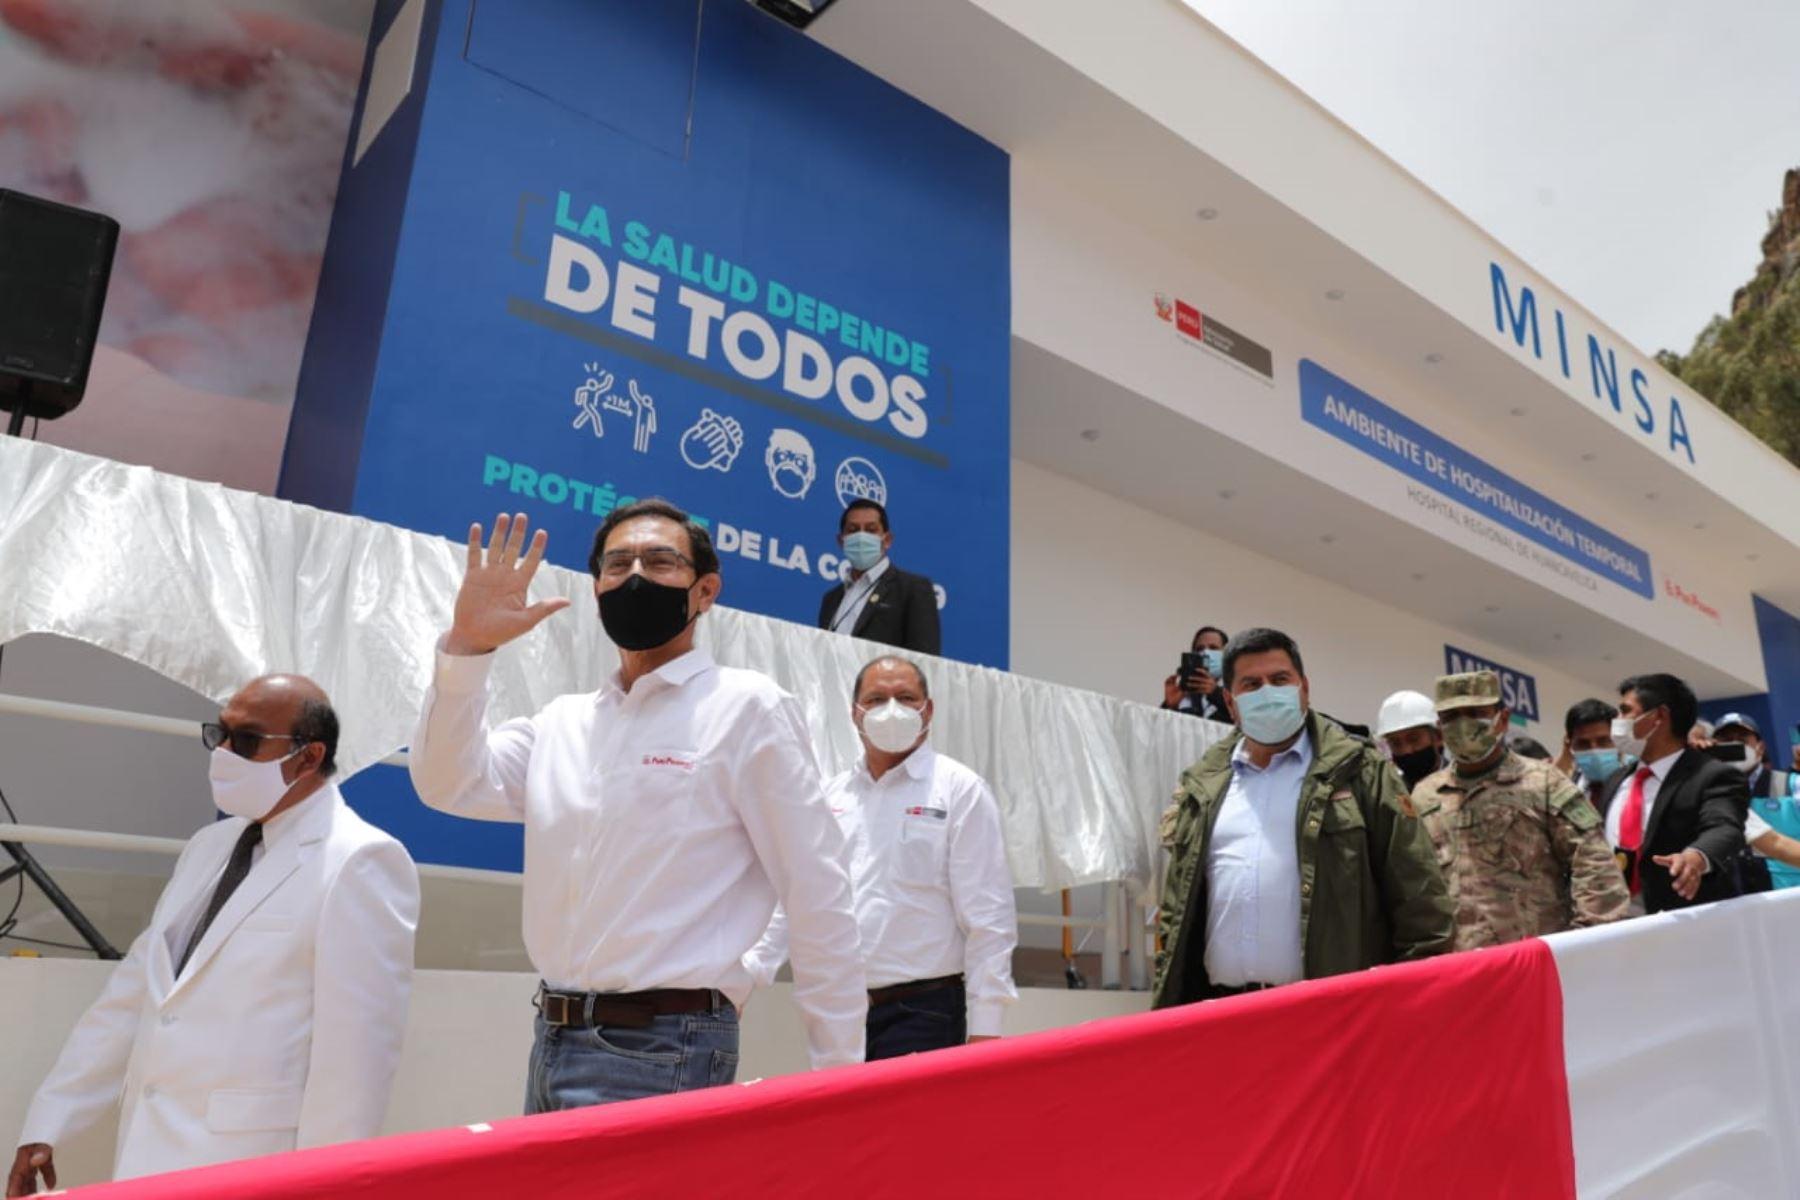 El presidente de la República, Martín Vizcarra, pone en marcha el Centro de Atención y Aislamiento Temporal de Huancavelica para la atención de pacientes con Covid-19. Foto: ANDINA/ Prensa Presidencia